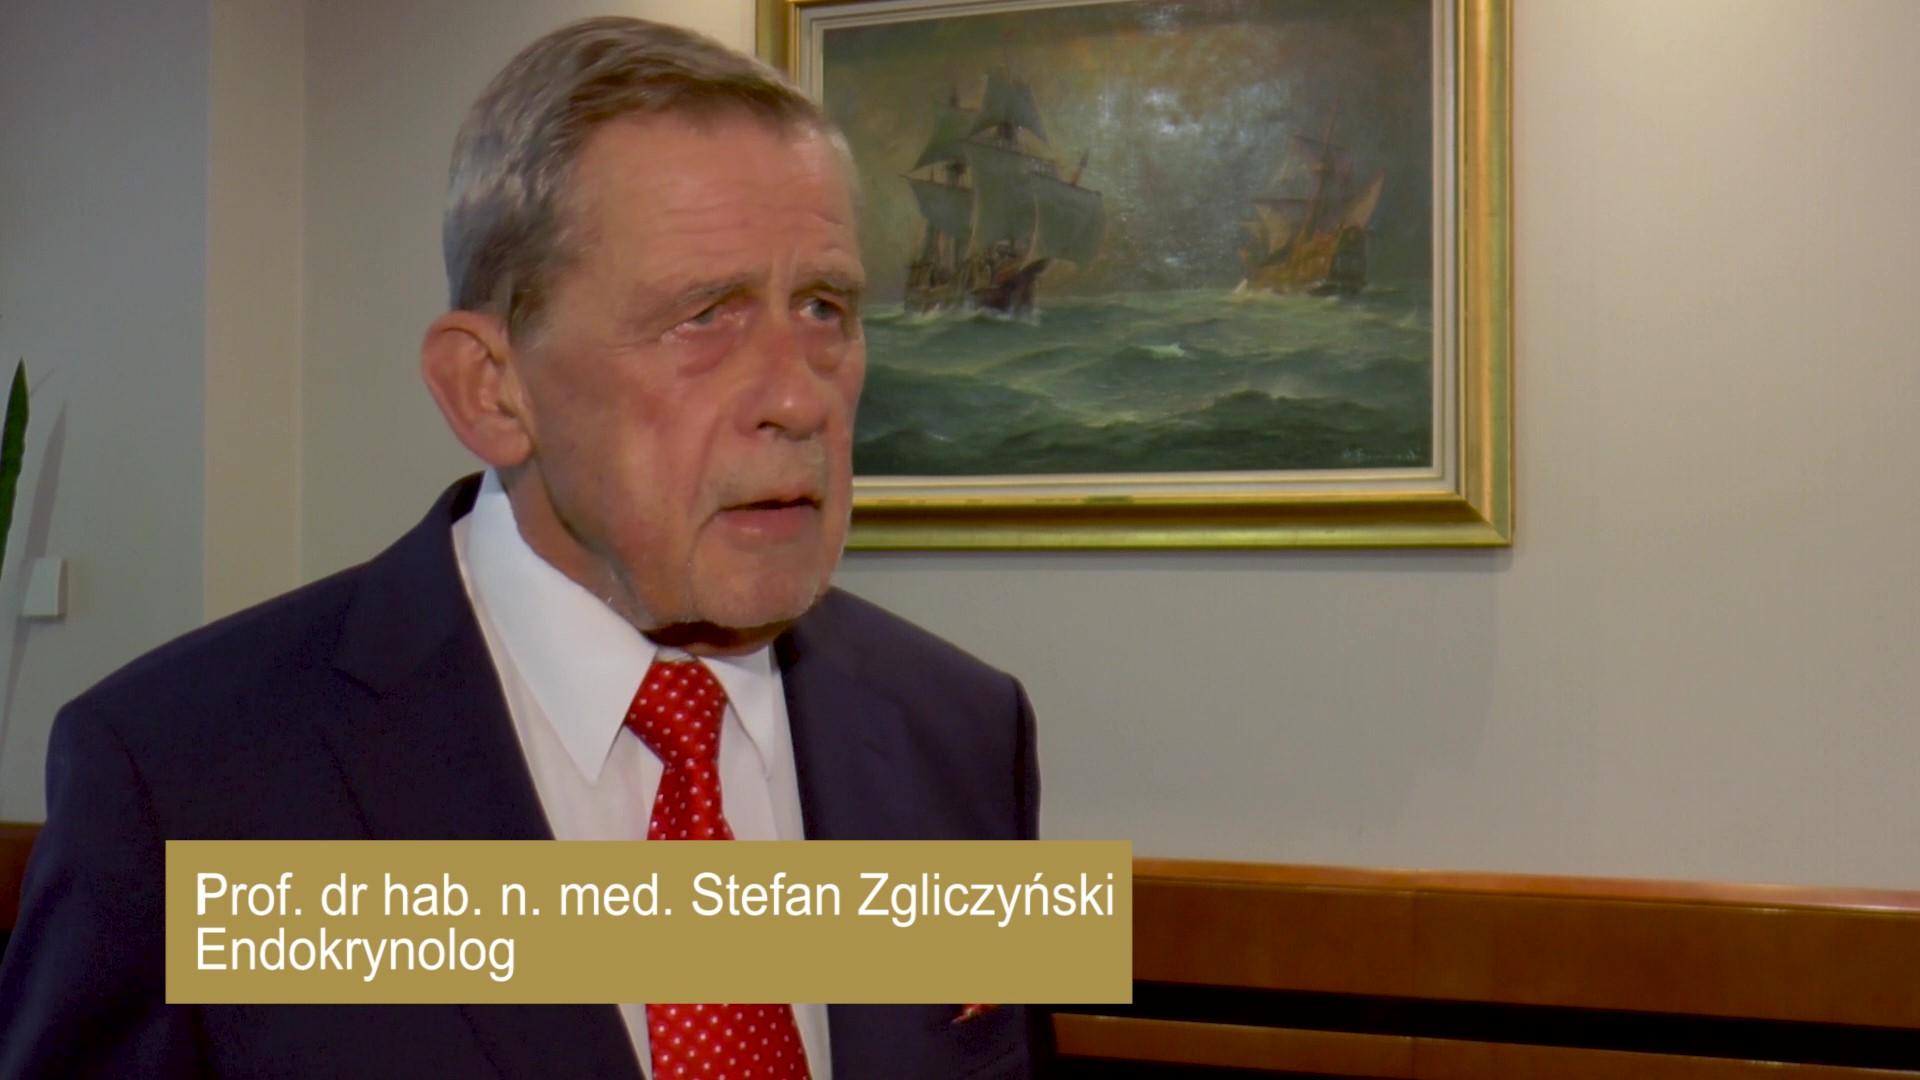 Stefan Zgliczyński